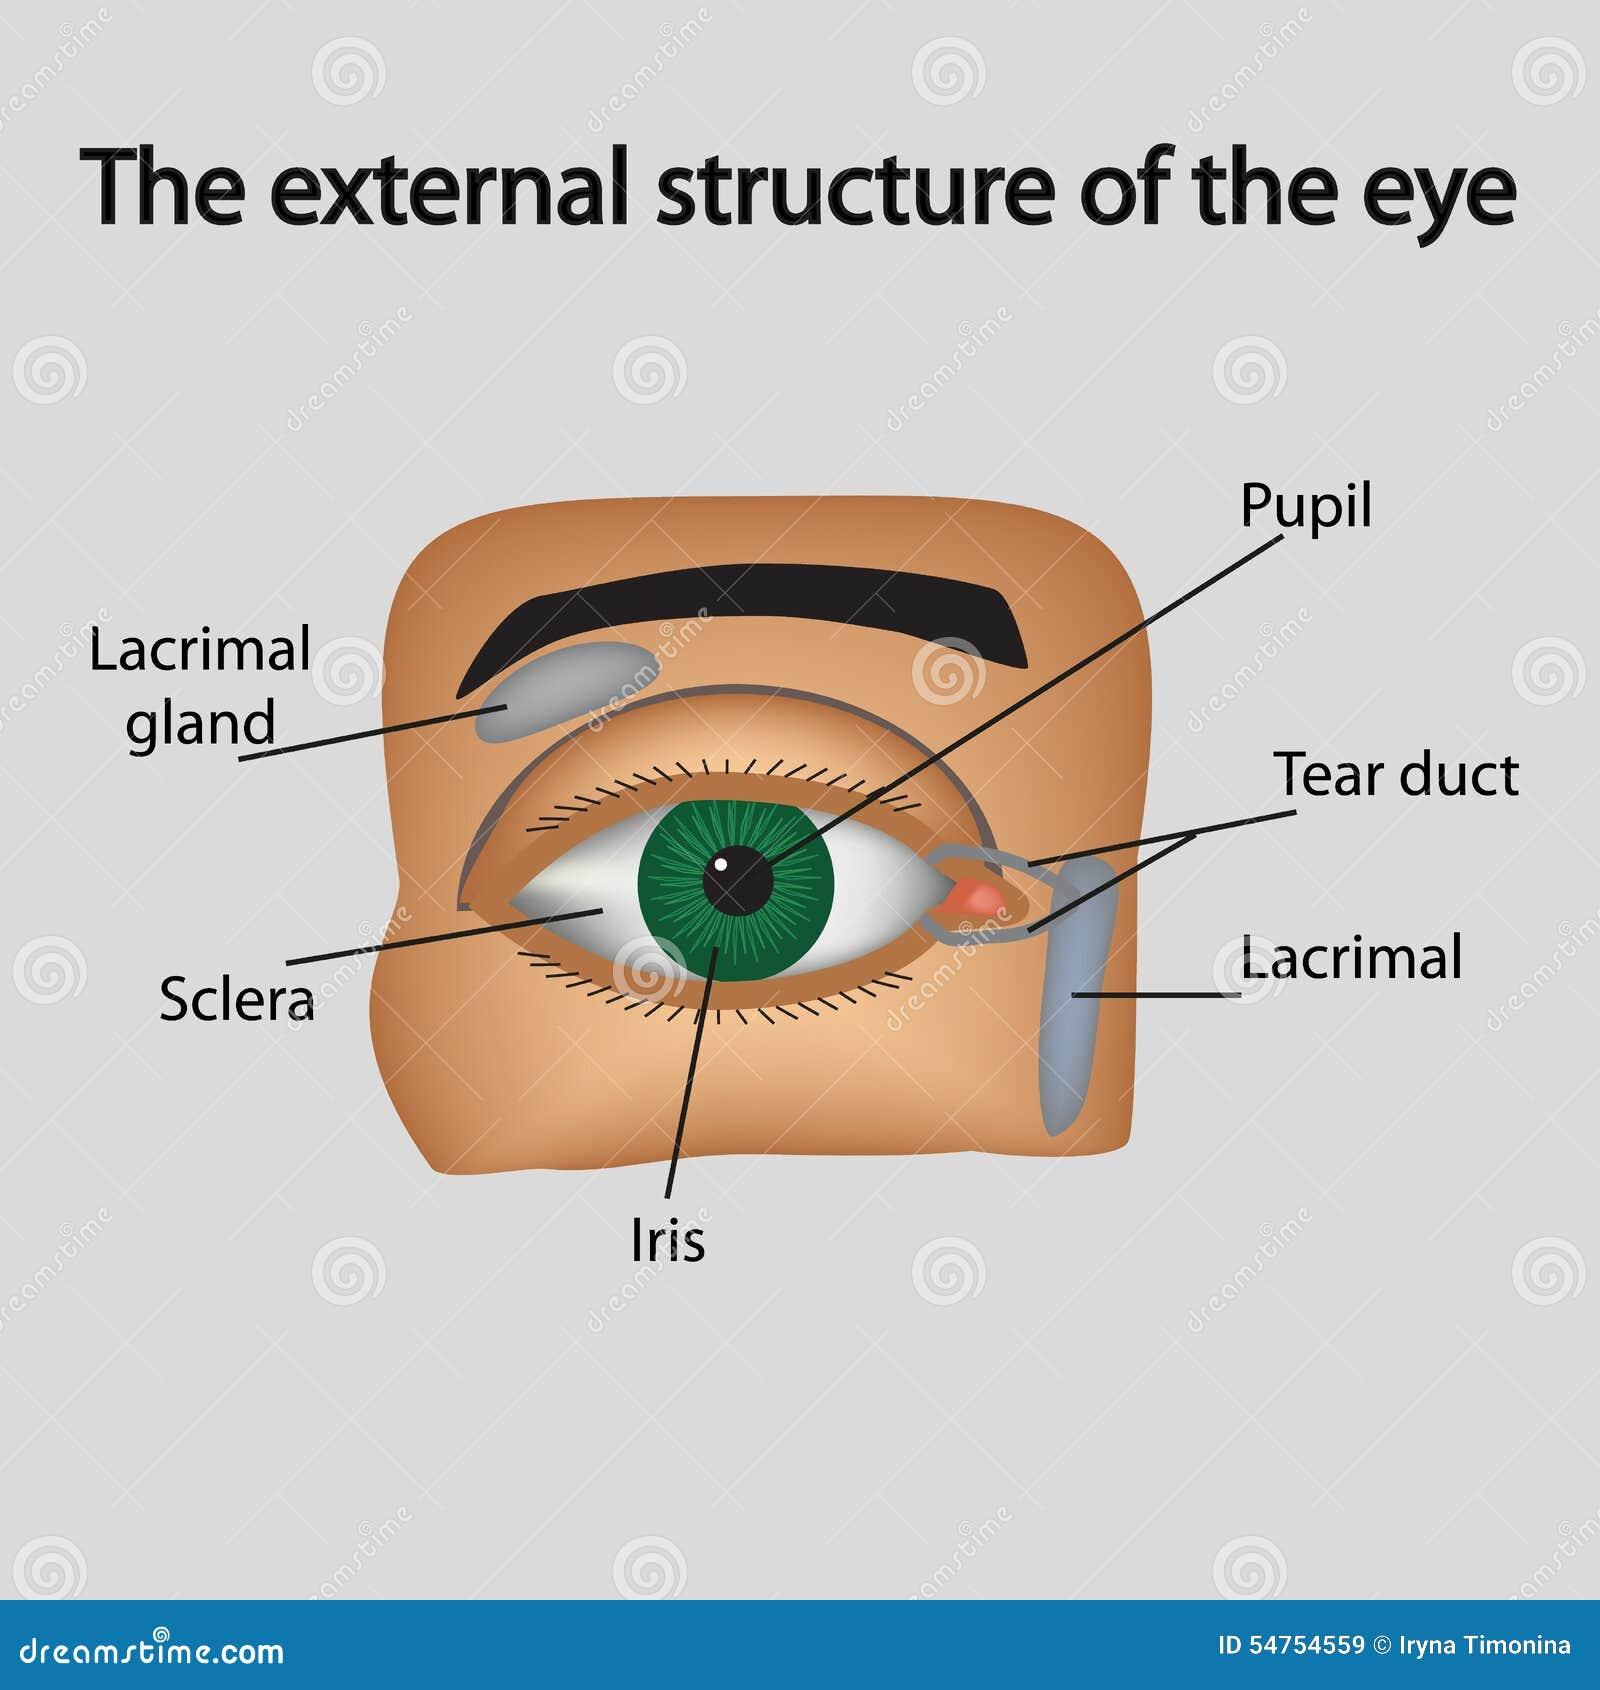 La estructura externa del ojo Vector